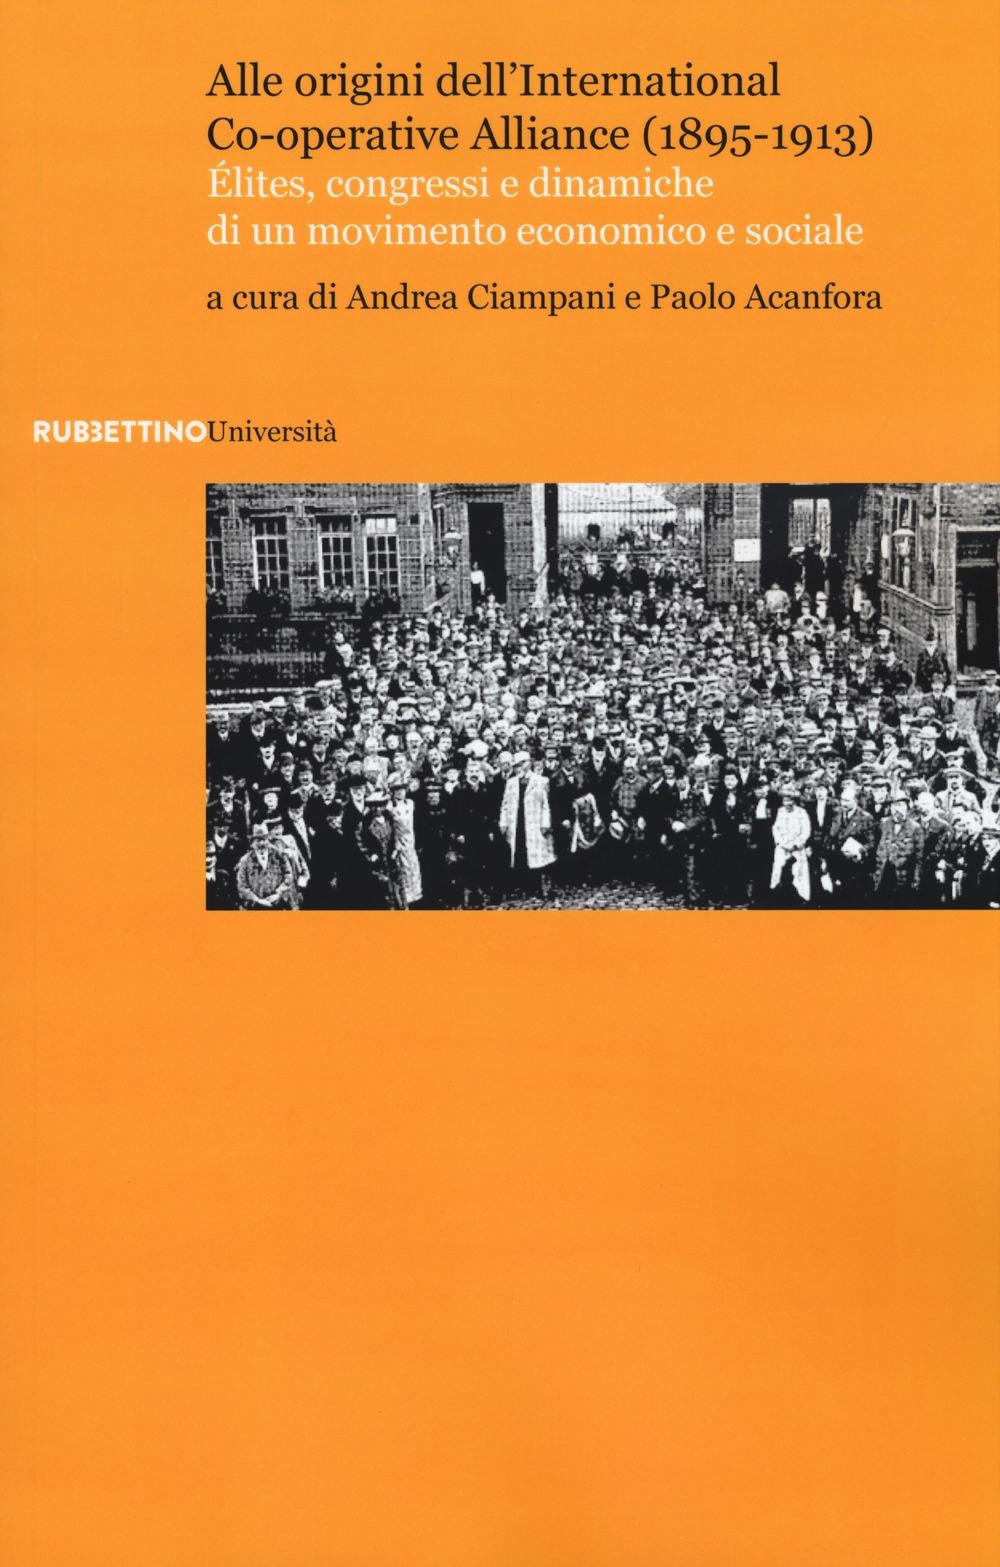 Alle origini dell'International Co-operative Alliance (1895-1913). Élites, congressi e dinamiche di un movimento economico e sociale